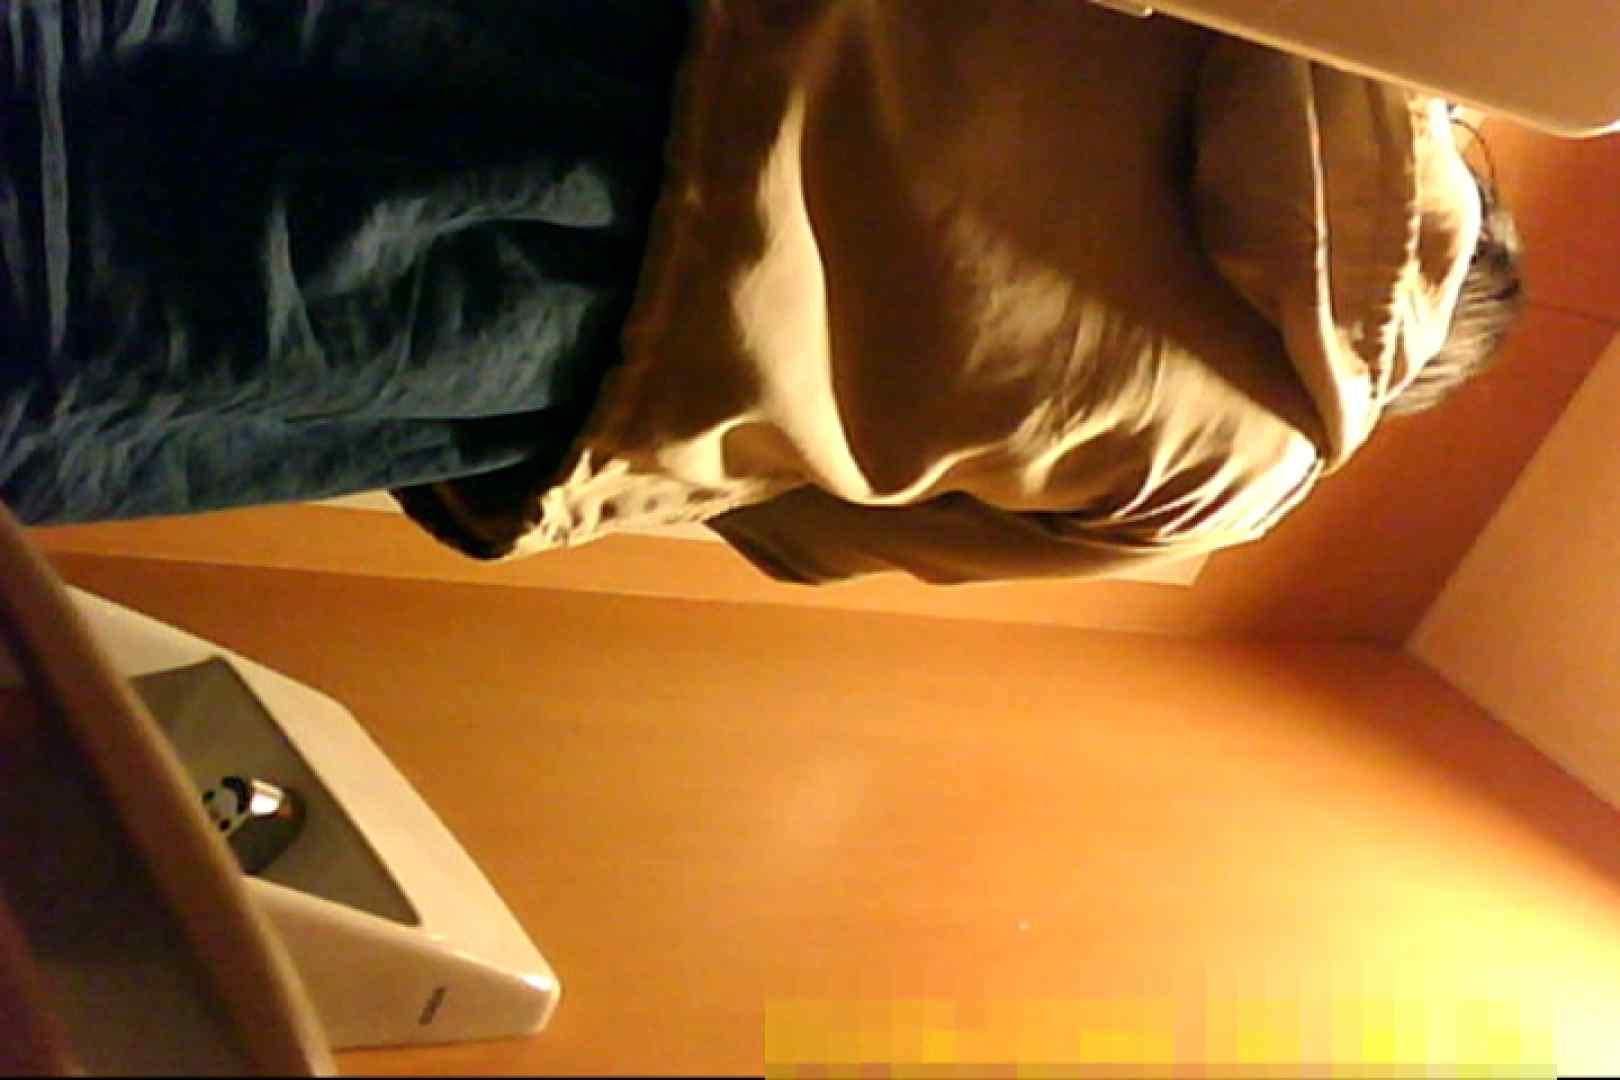 魅惑の化粧室~禁断のプライベート空間~22 プライベート | 洗面所  102画像 26